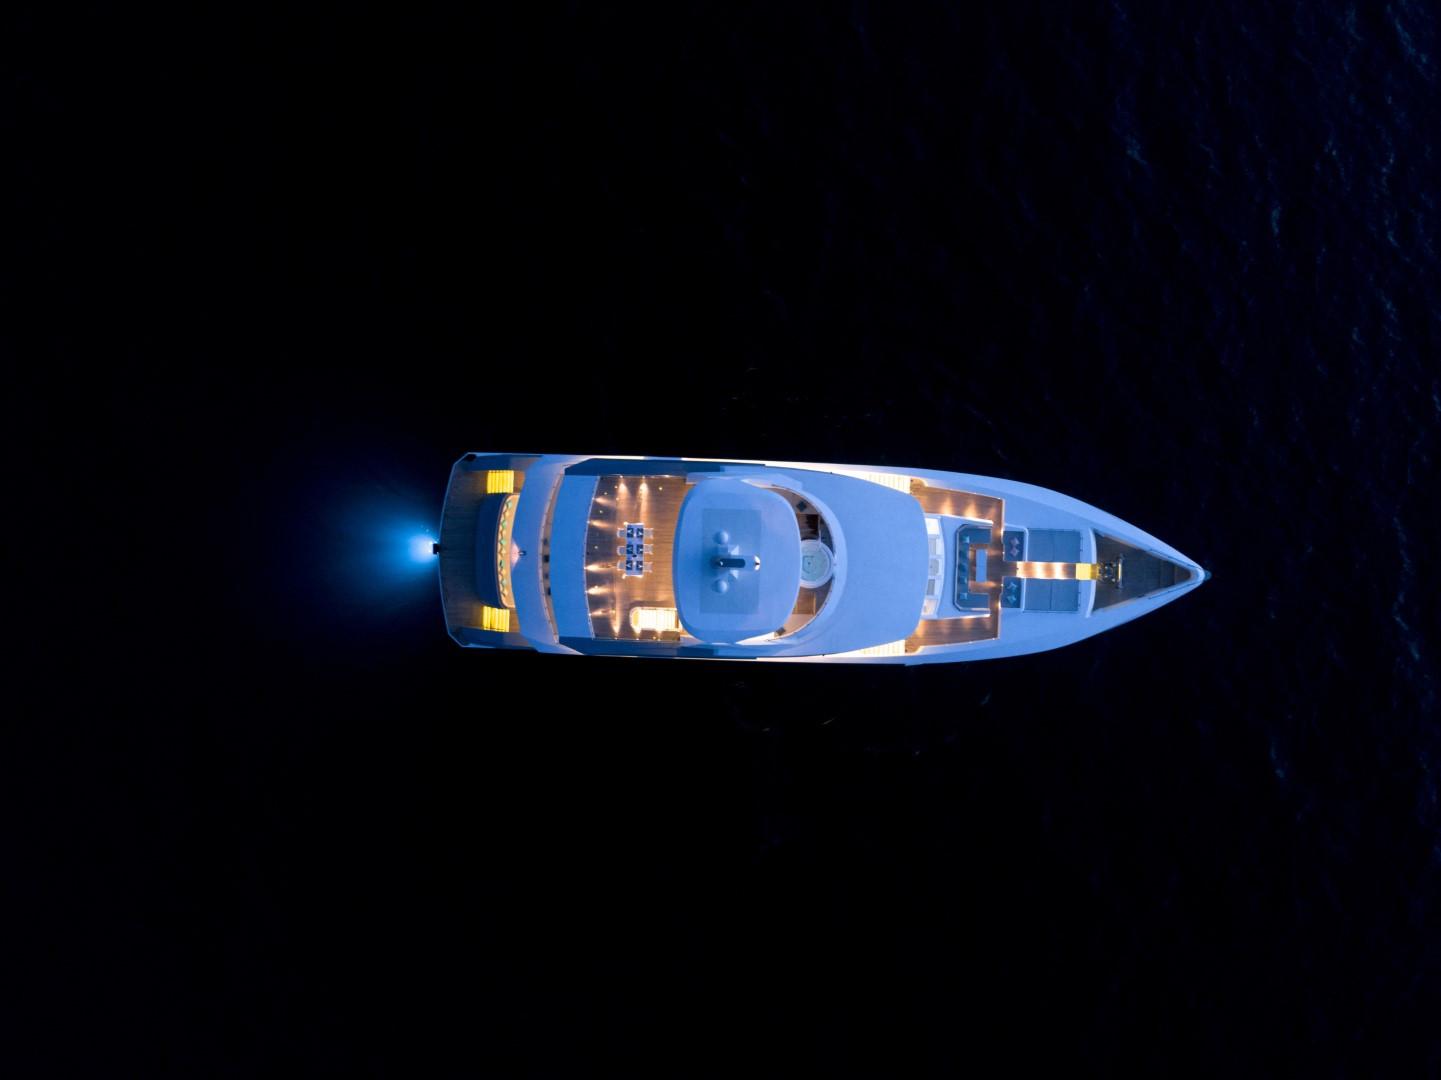 SeaRex_Night Top (Large).jpg